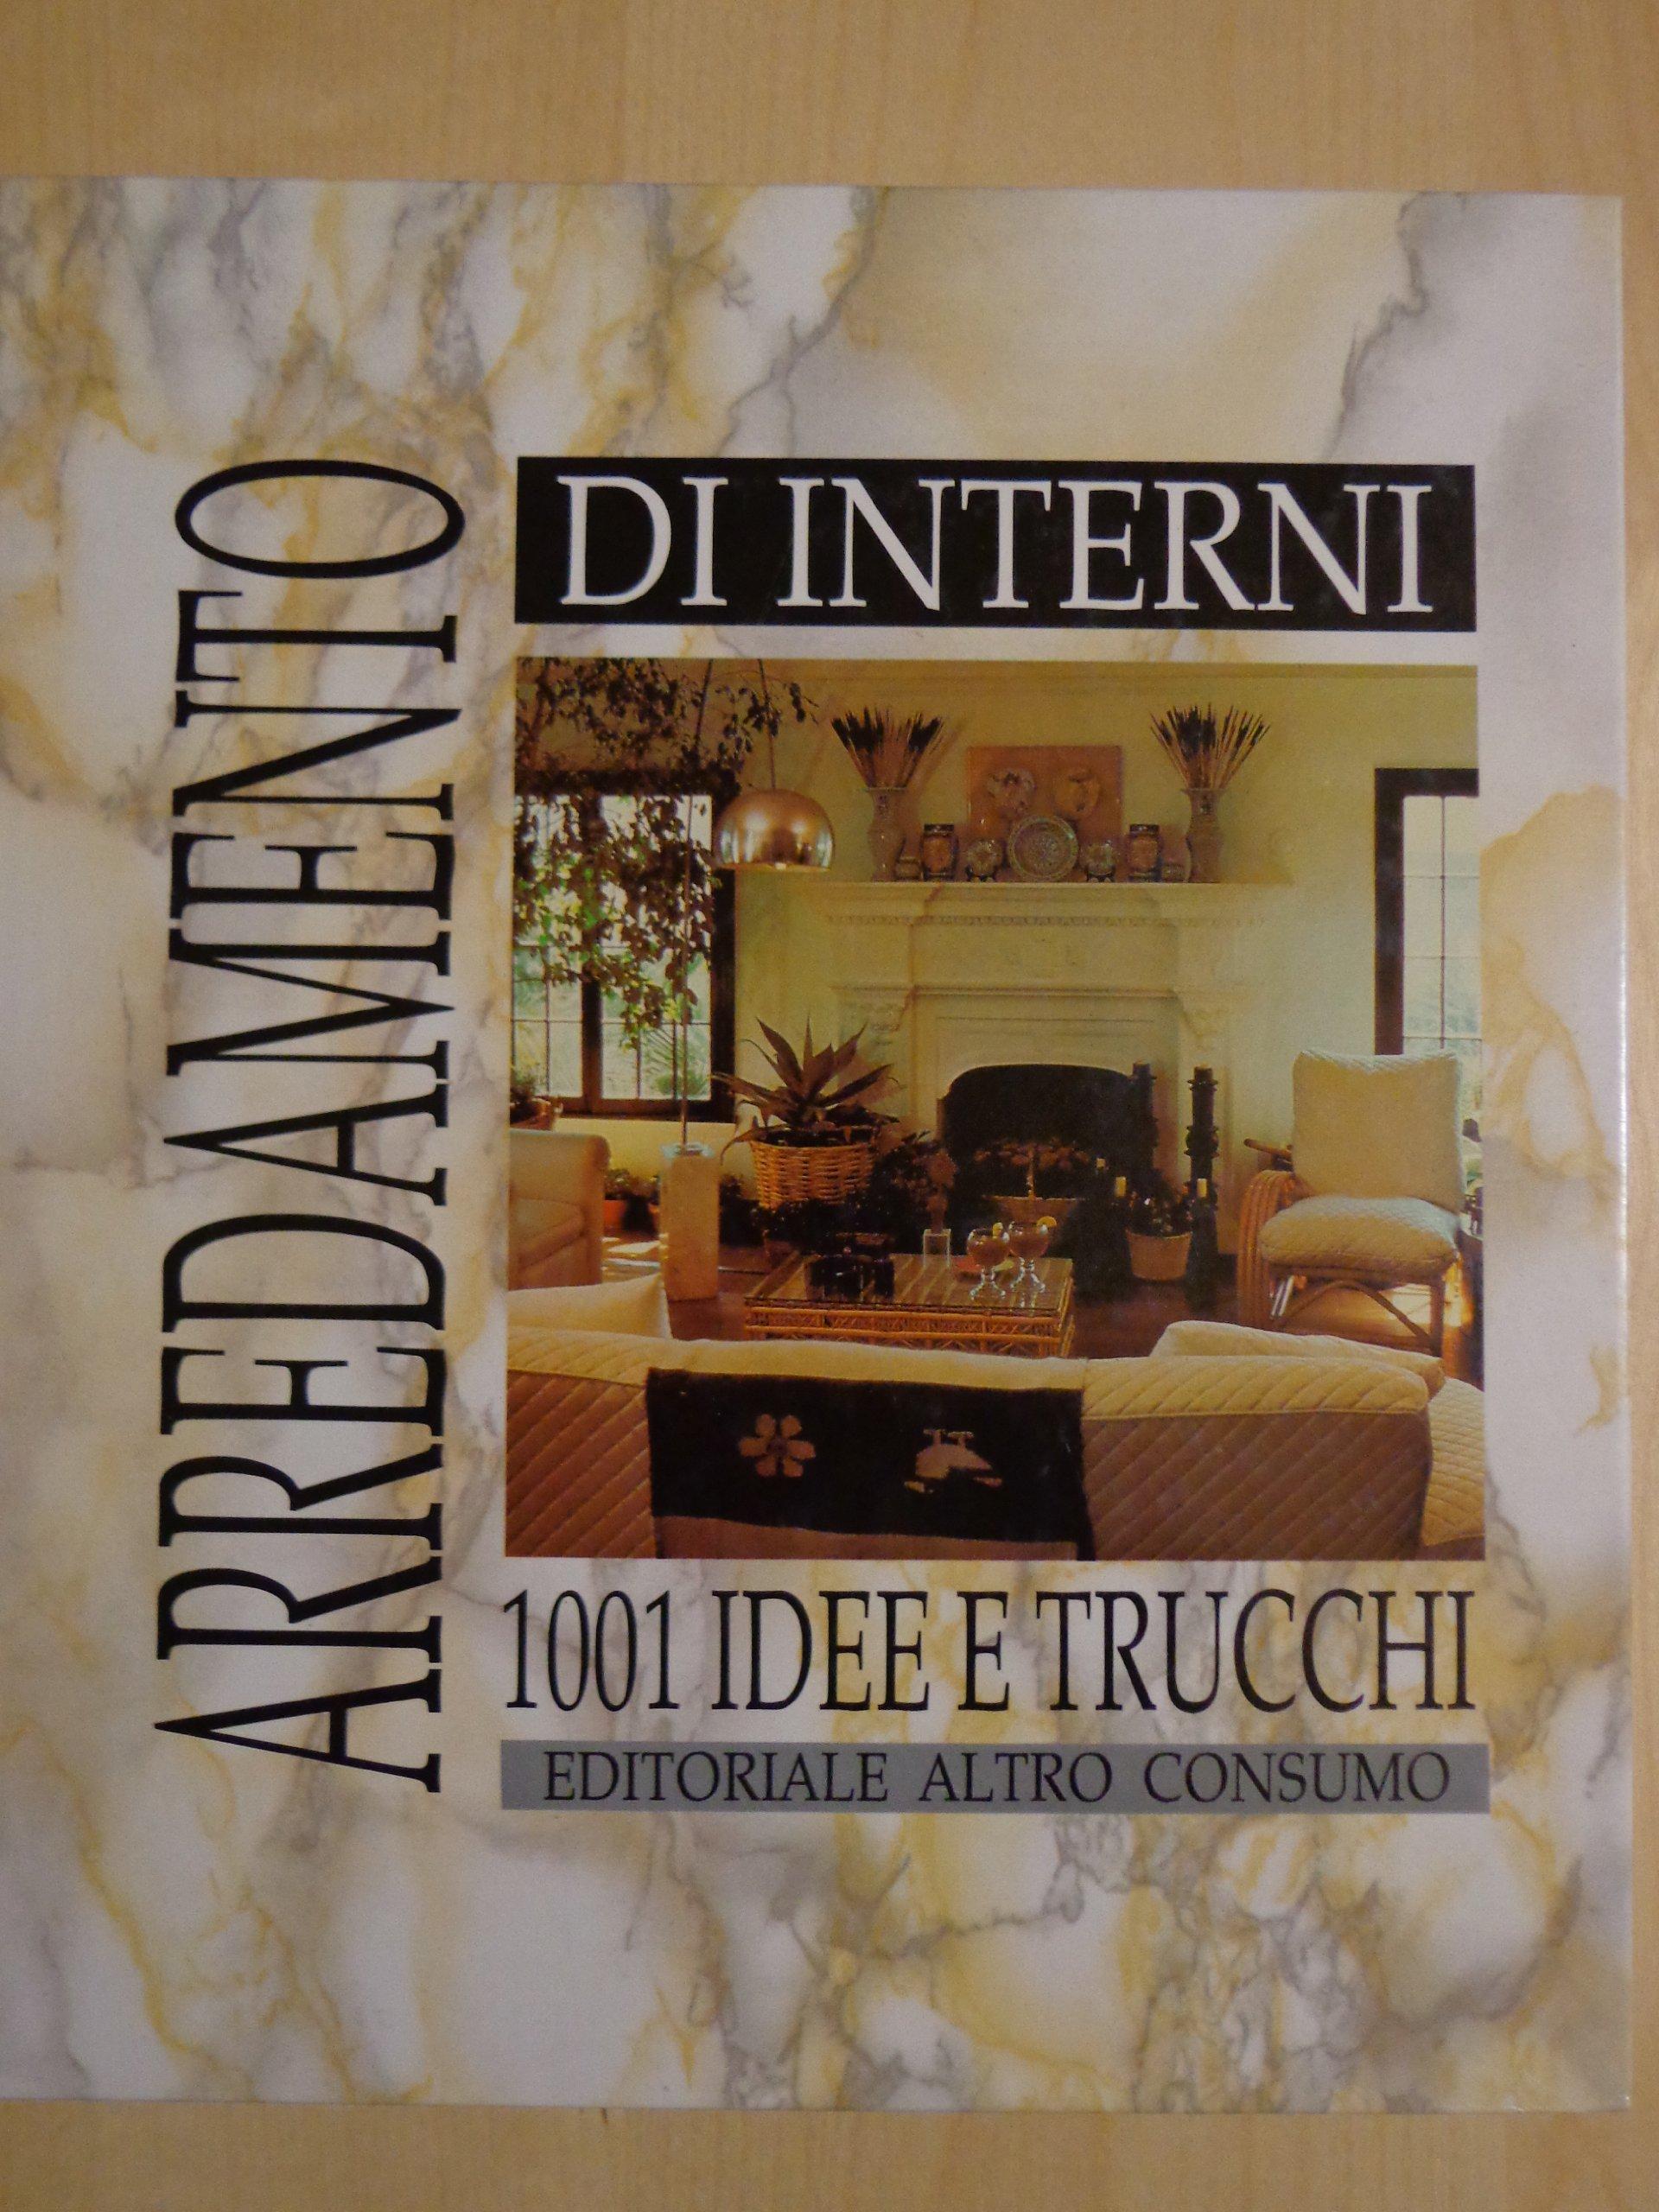 Arredamento Di Interni 1001 Idee E Trucchi.Amazon It Arredamento D Interni 1001 Idee E Trucchi Paolo